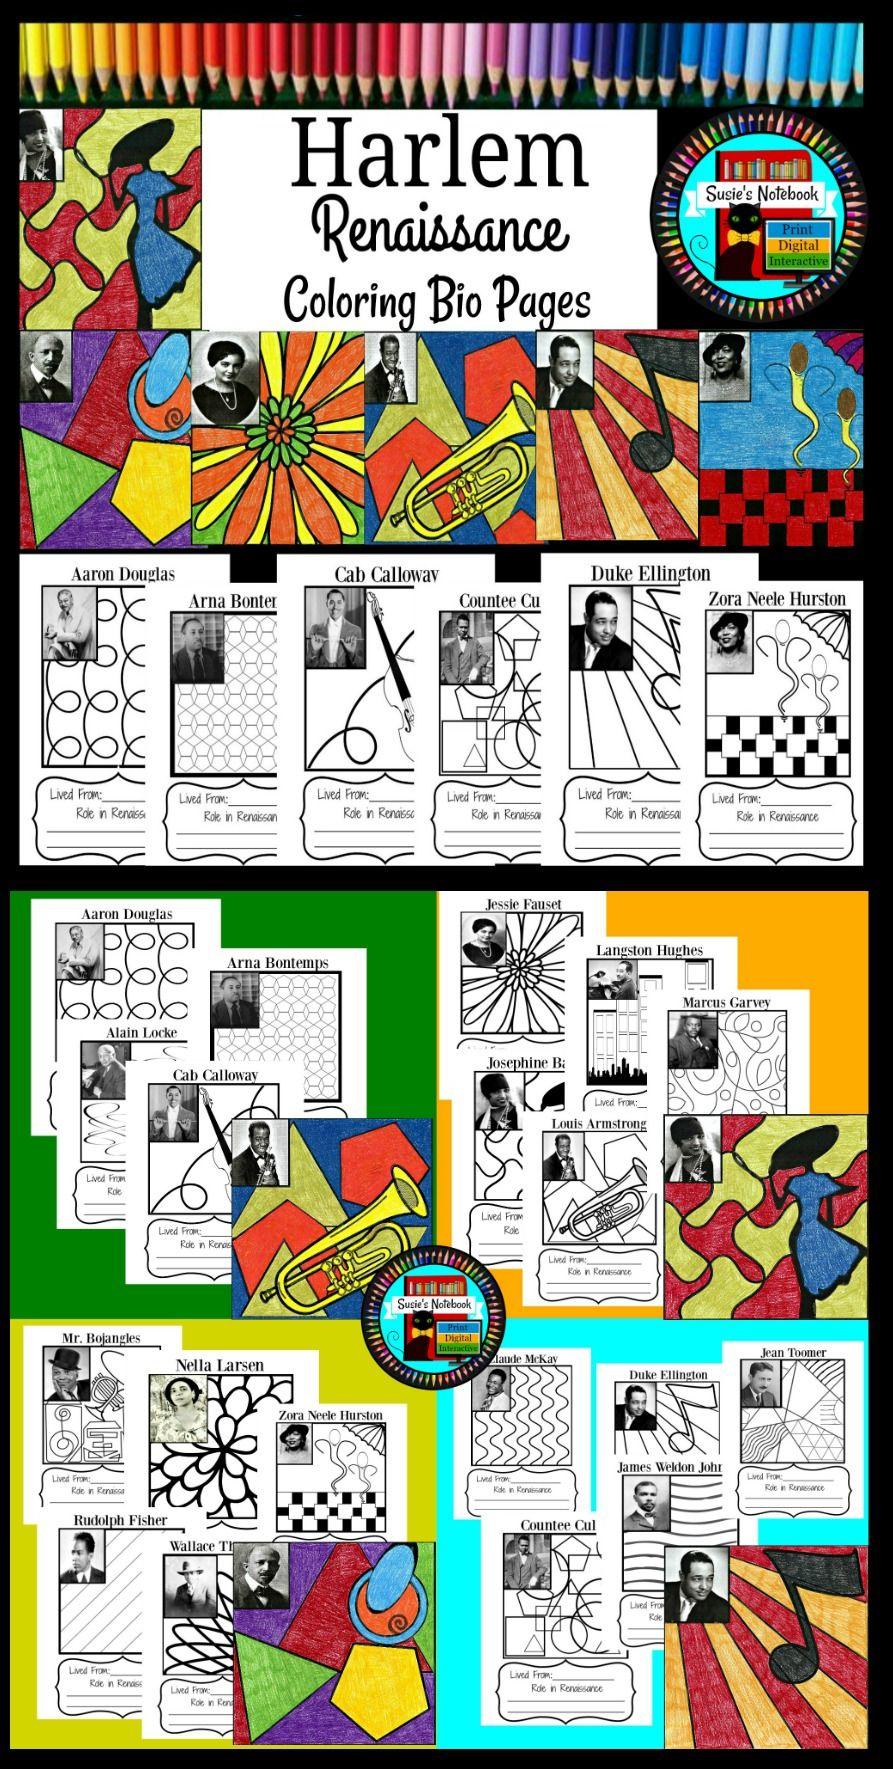 Harlem Renaissance Coloring Sheets And Research Activity Harlem Renaissance Harlem Renaissance Activities Renaissance Artworks